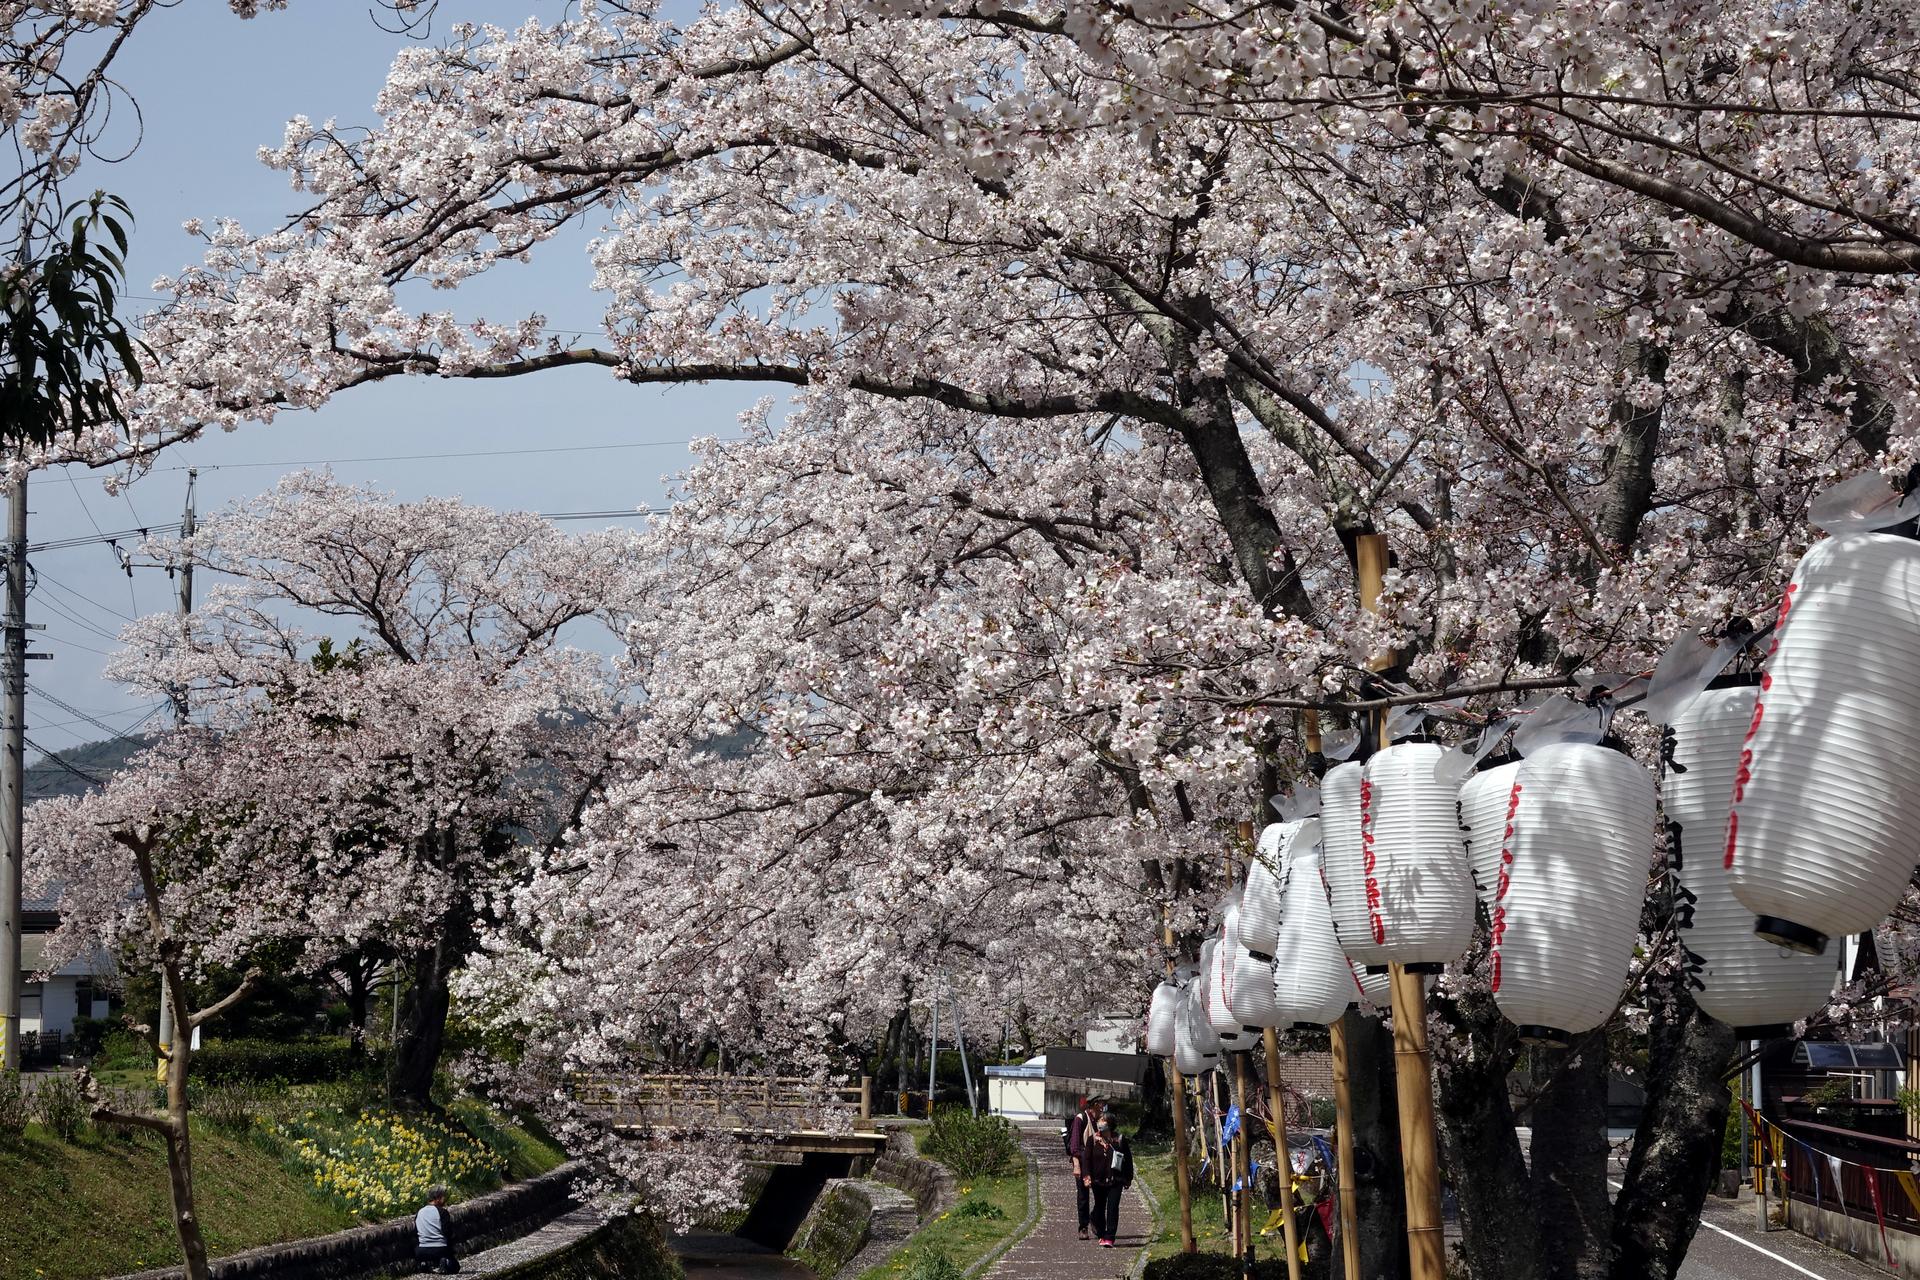 DSC09339末洞川堤桜並木.JPG